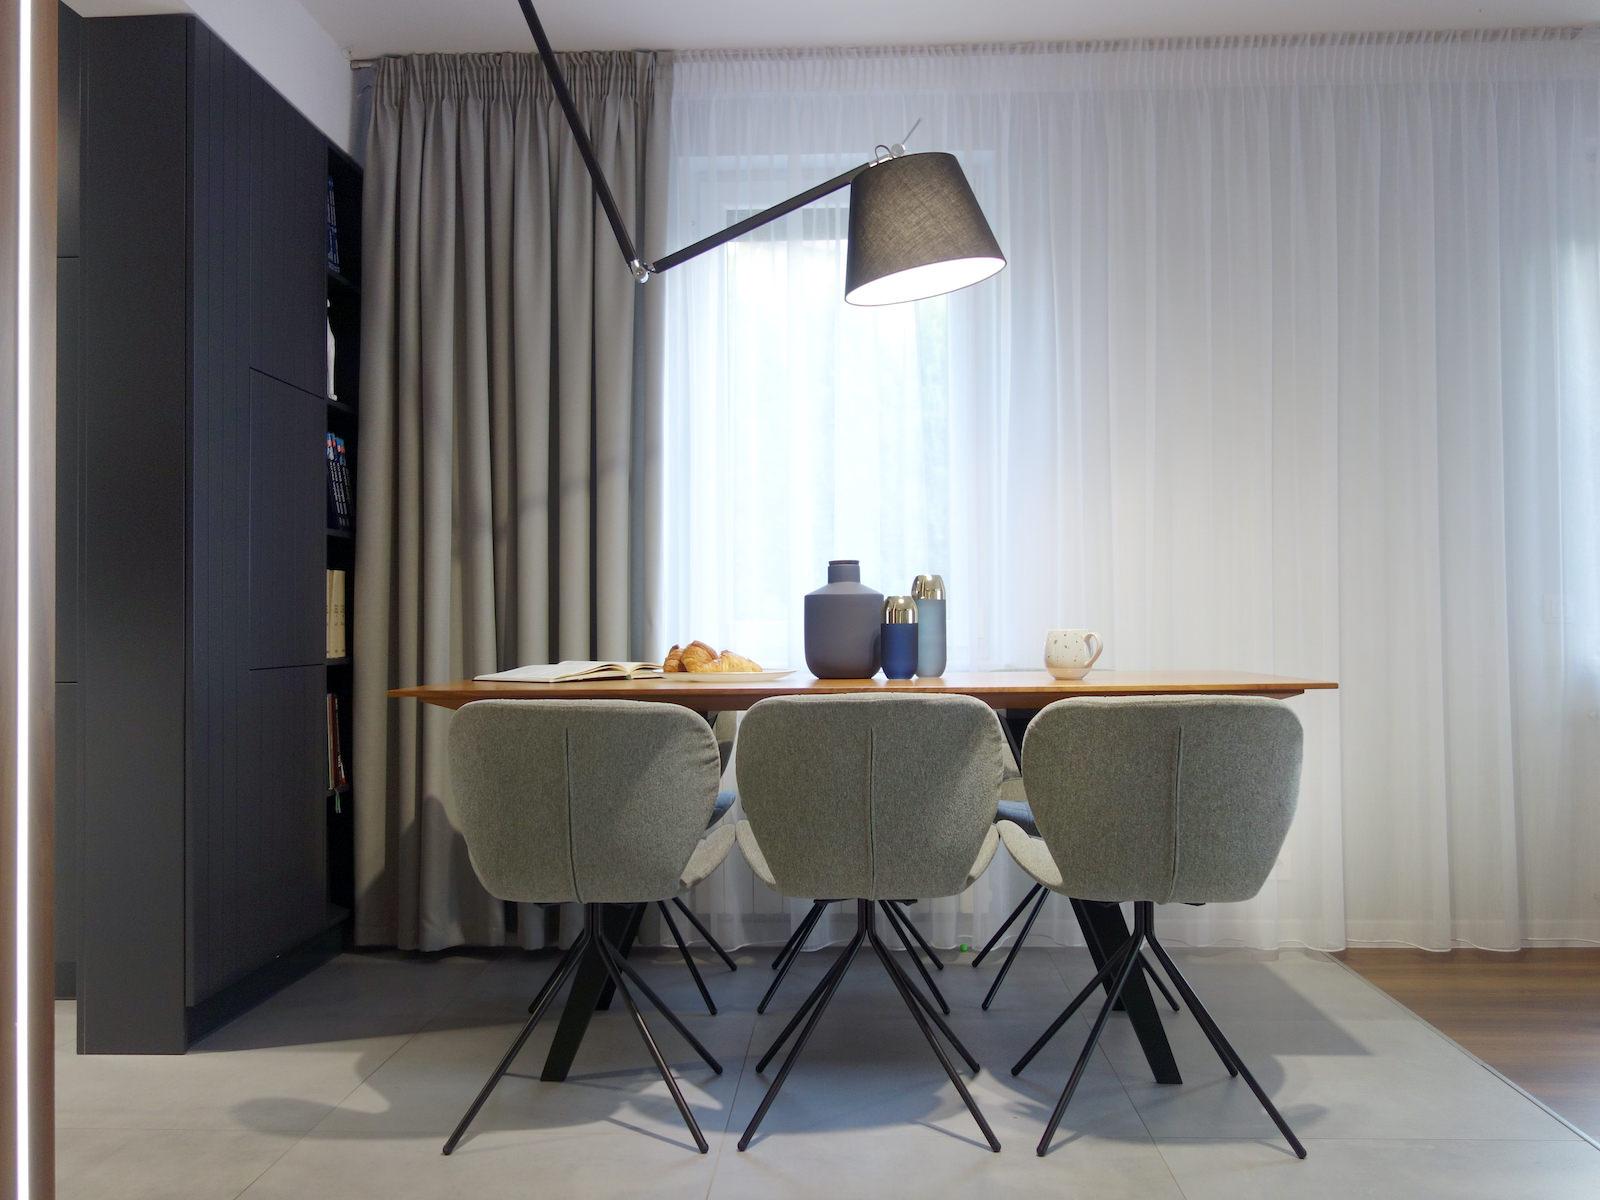 9 projektant wnetrz R056 dom dabrowa gornicza jadalnia stol drewniany blat metalowe nogu szare tapicerowane krzesla zabudowa meblowa w jadalni